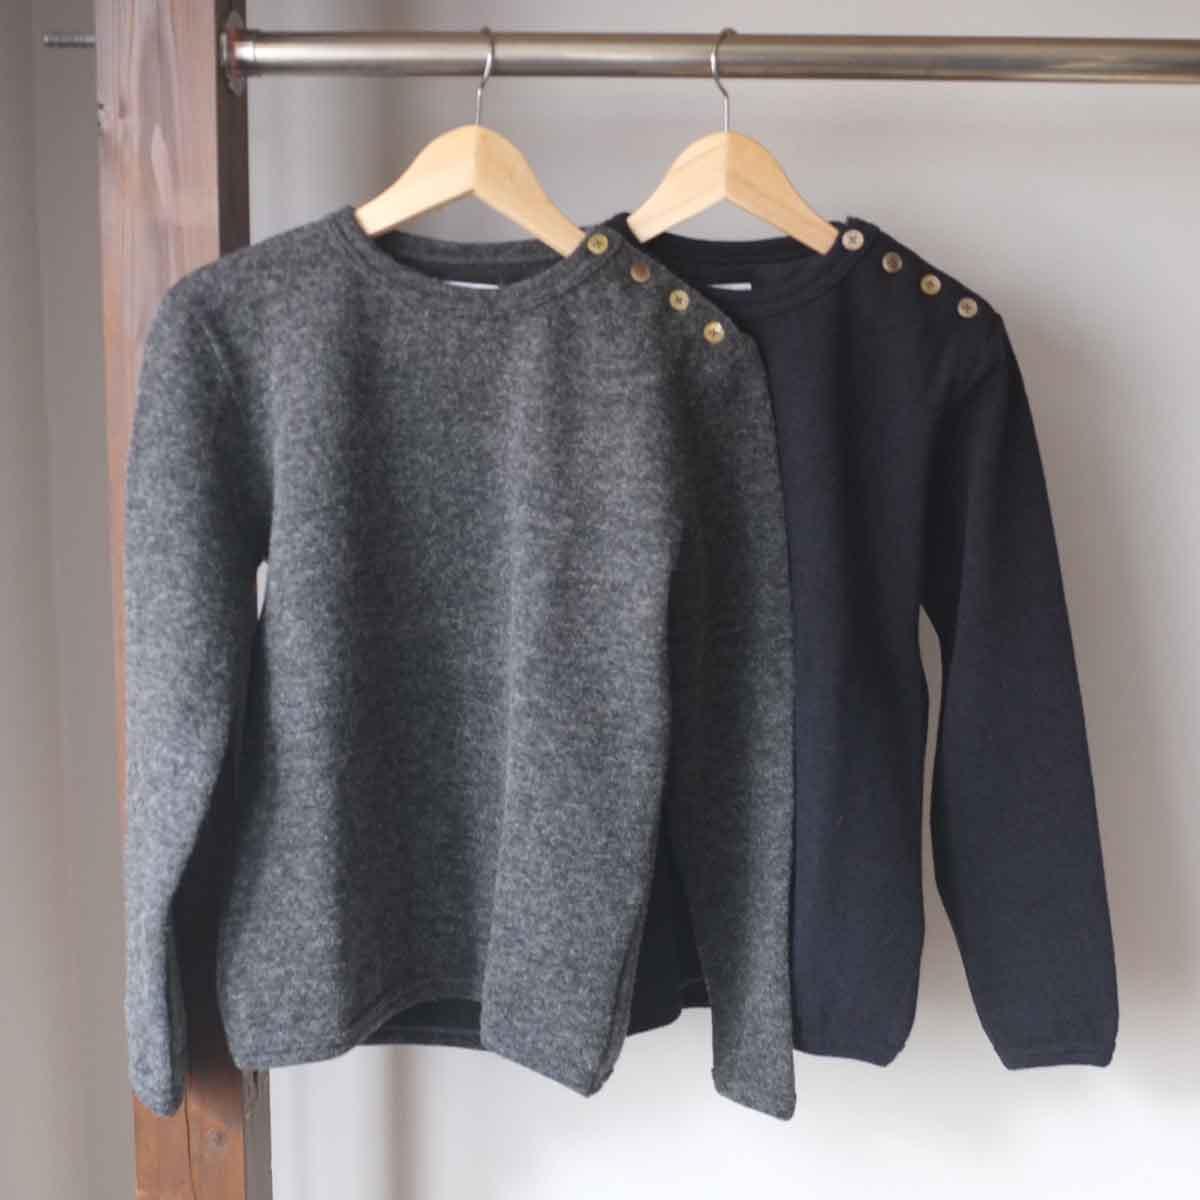 【定価13,200円】 Re made in tokyo japan アールイー Iceland Wool Button Basque アイスランドウールボタンバスク 2 colors